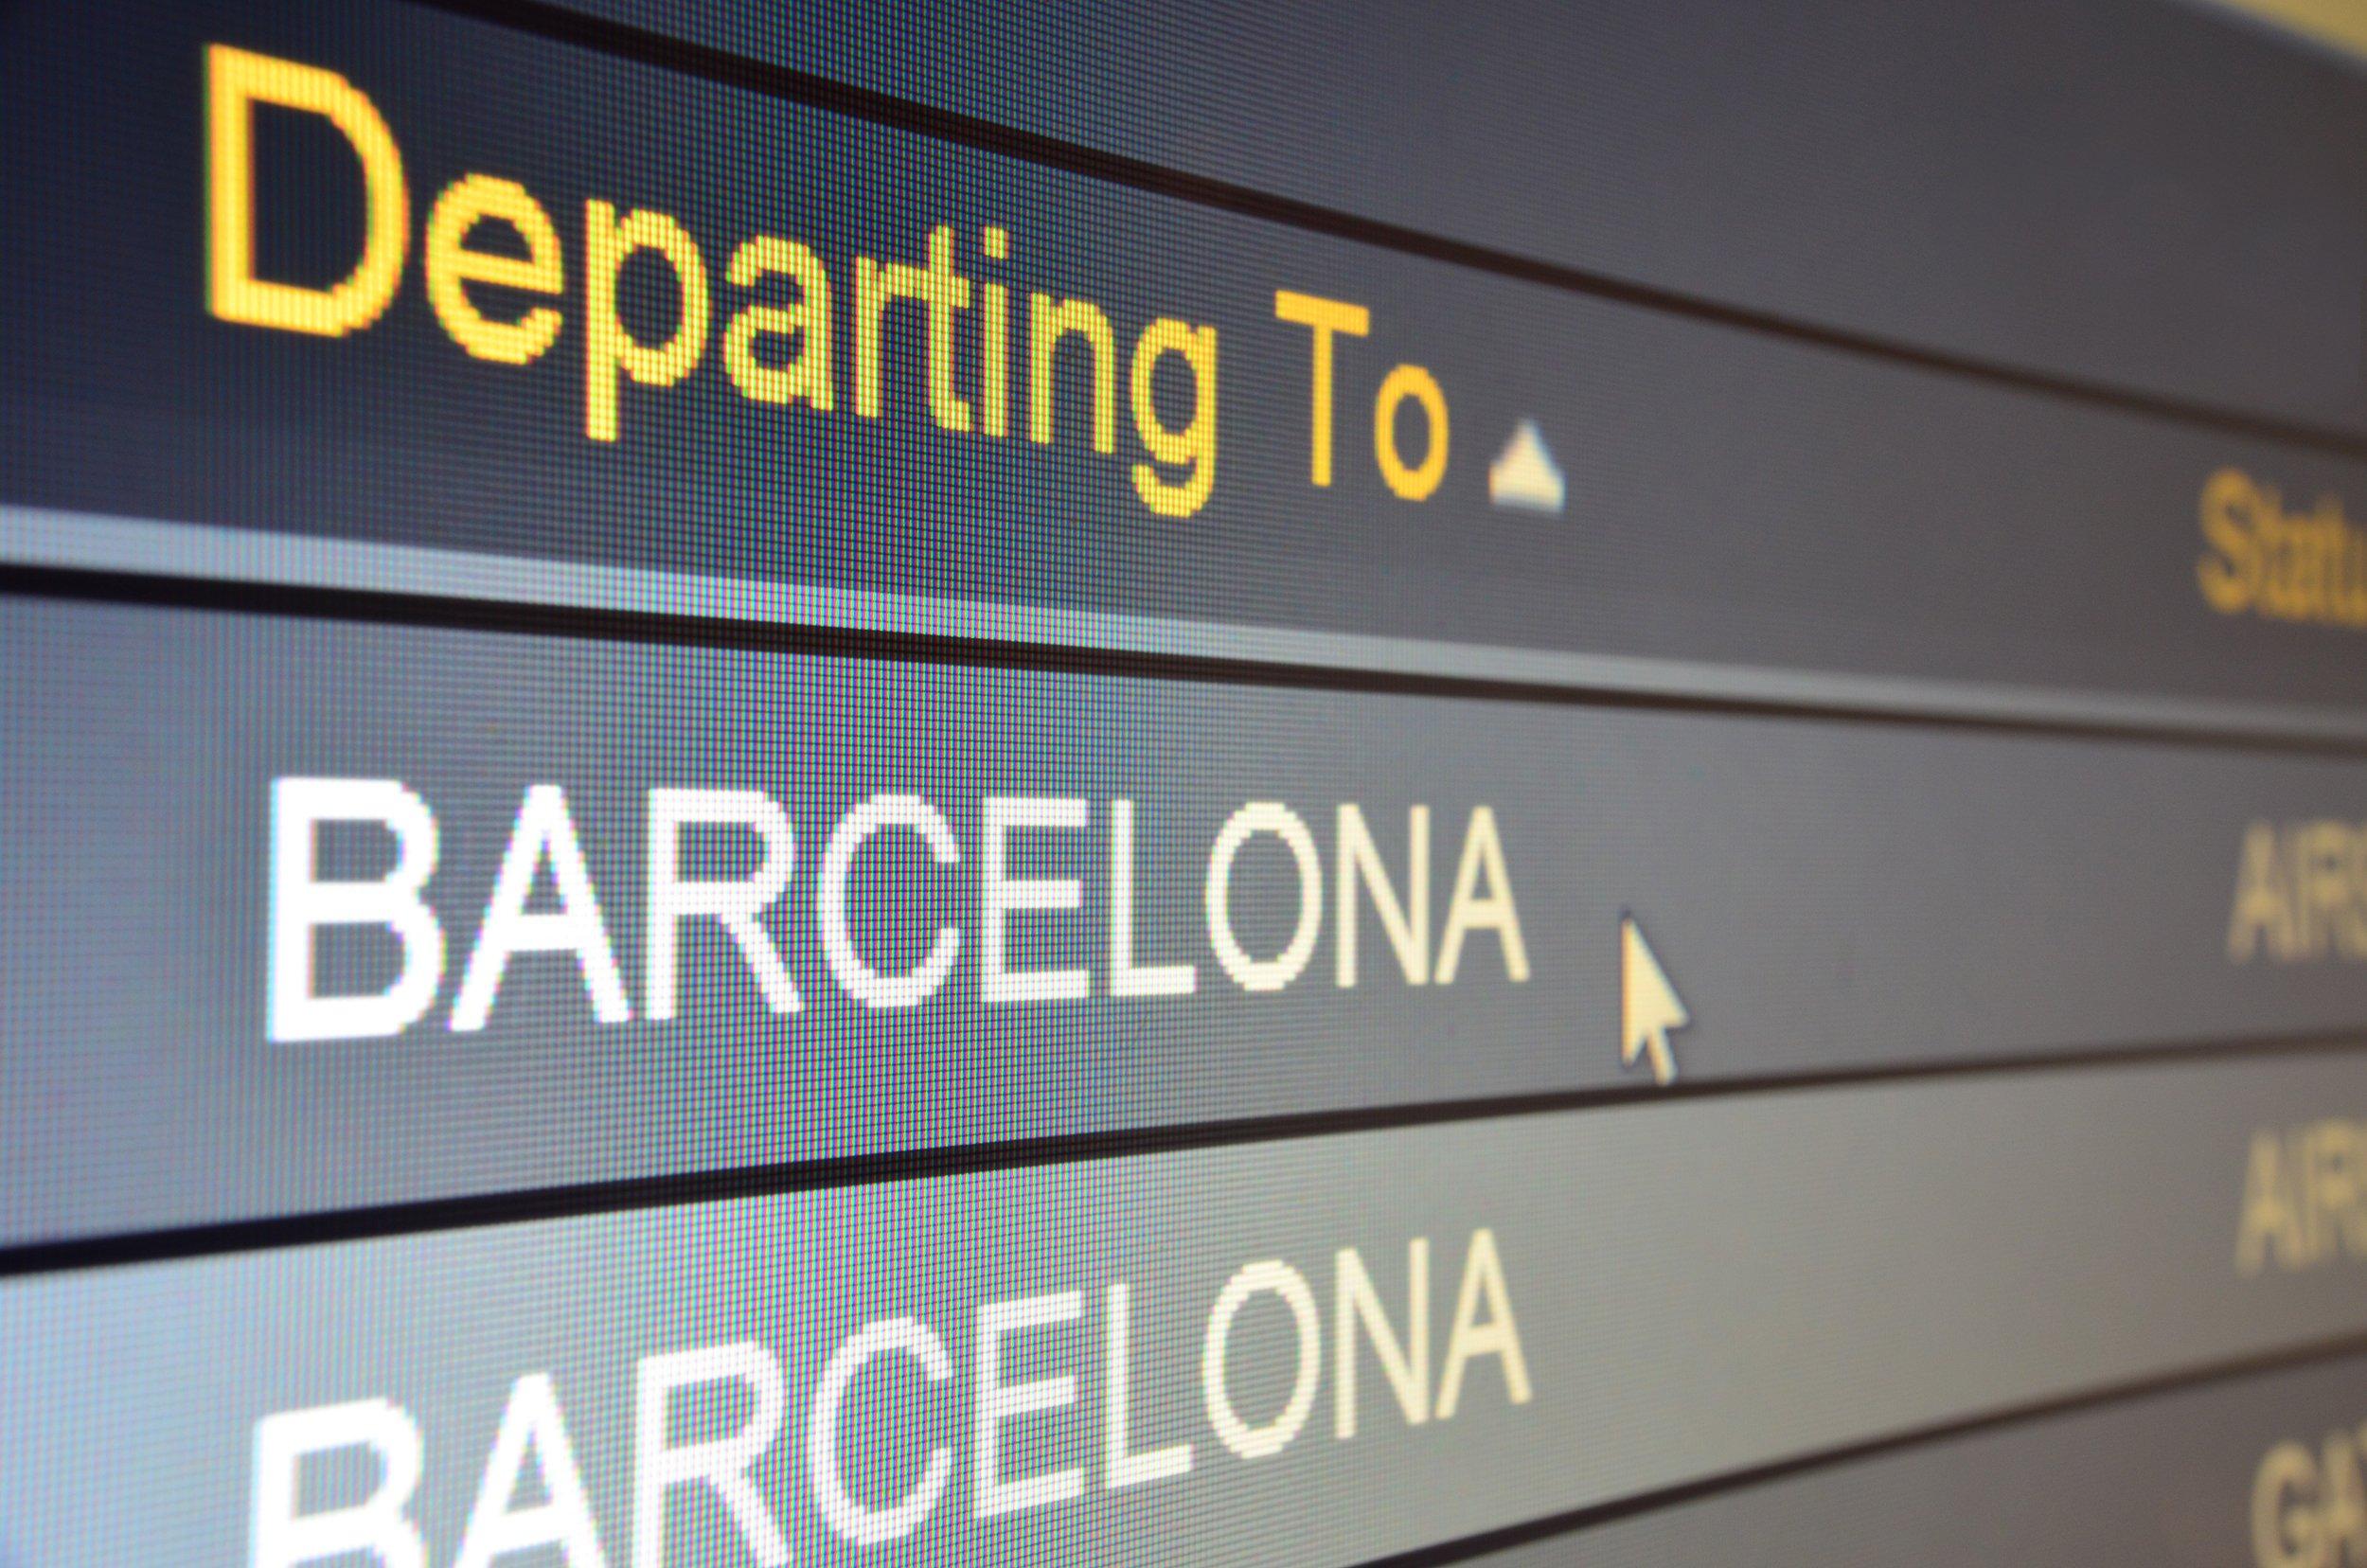 Facilities at Barcelona Airport